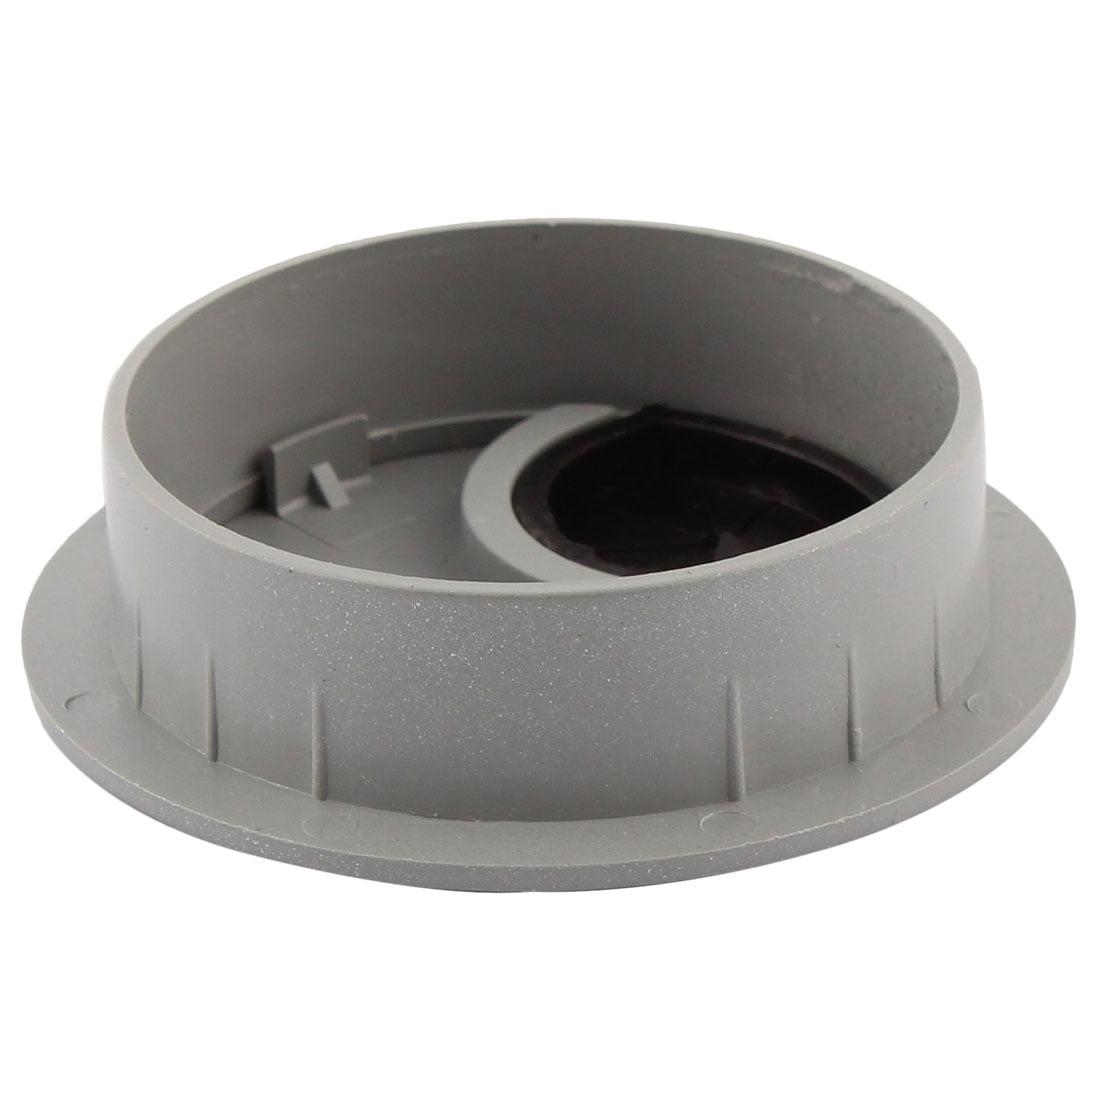 Plastic PC Computer Desk Cable Grommets Wire Hole Cover 50mm Dia 5Pcs - image 1 de 3